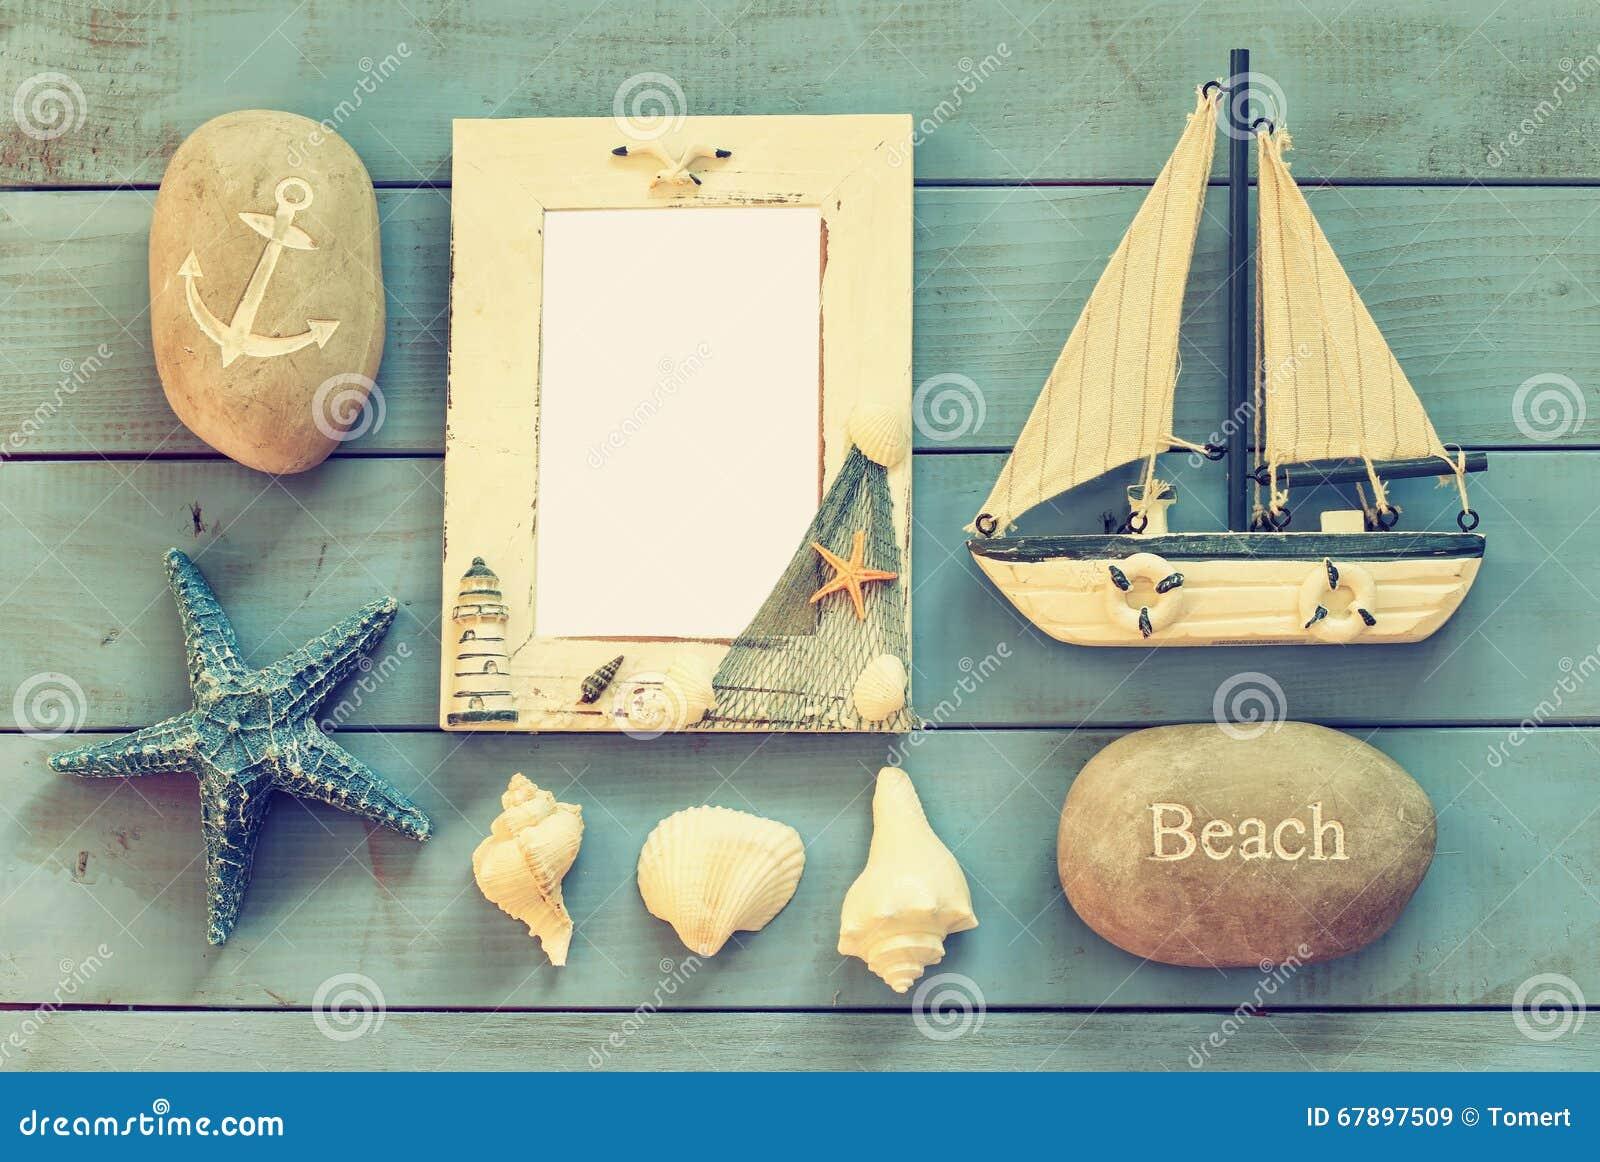 木船舶框架和帆船在木桌上 船舶生活方式概念 被过滤的葡萄酒 模板